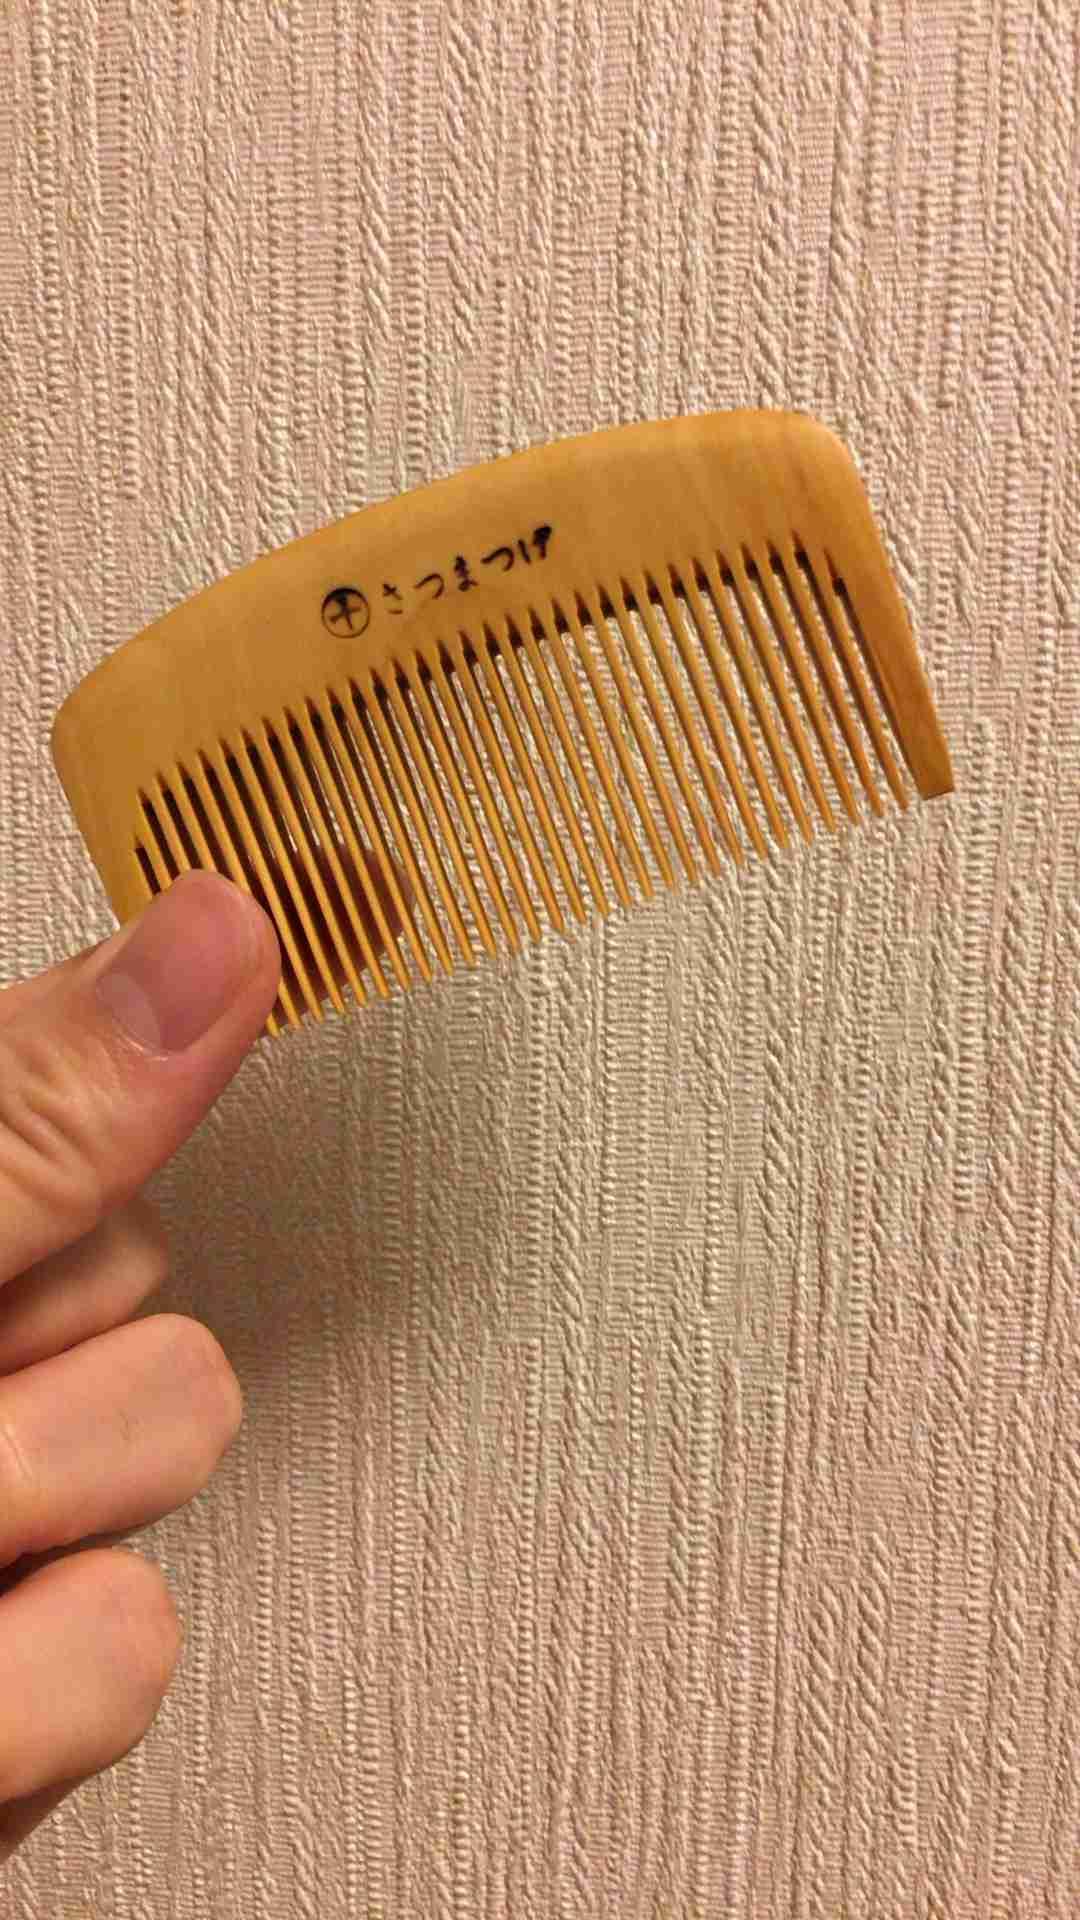 日本の伝統品、つげ櫛を語ろう!